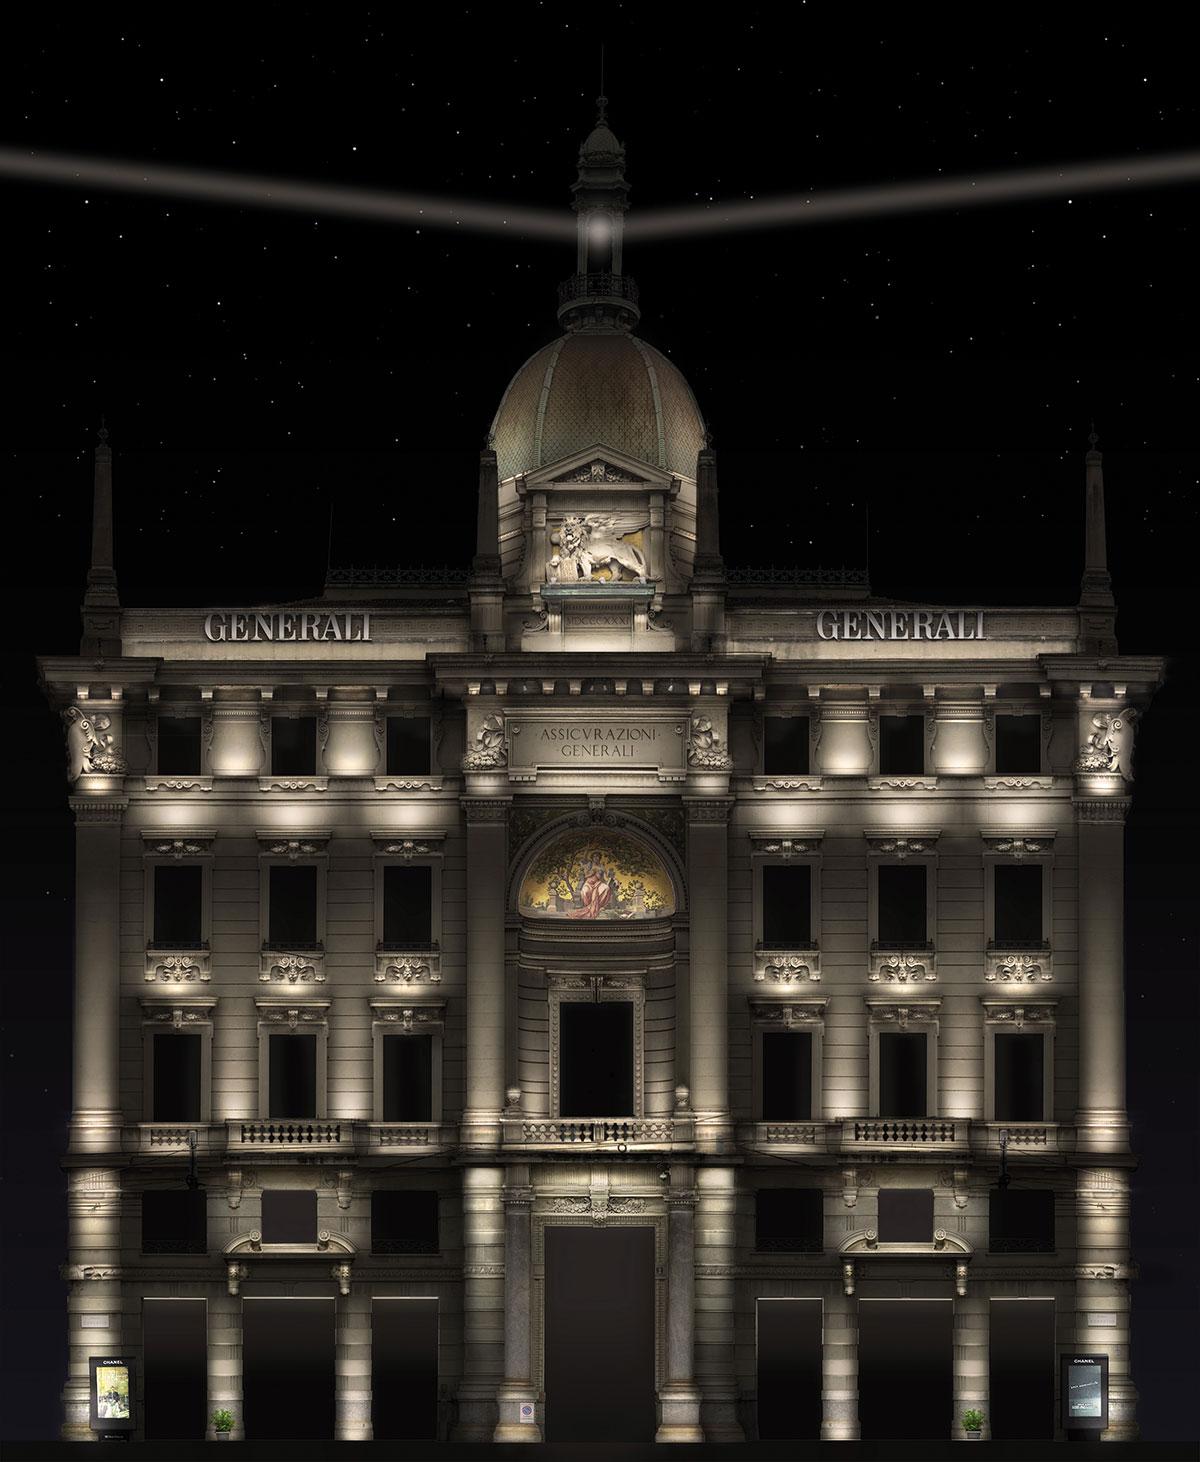 Palazzo Generali, Milano - Design Studio Marco Piva